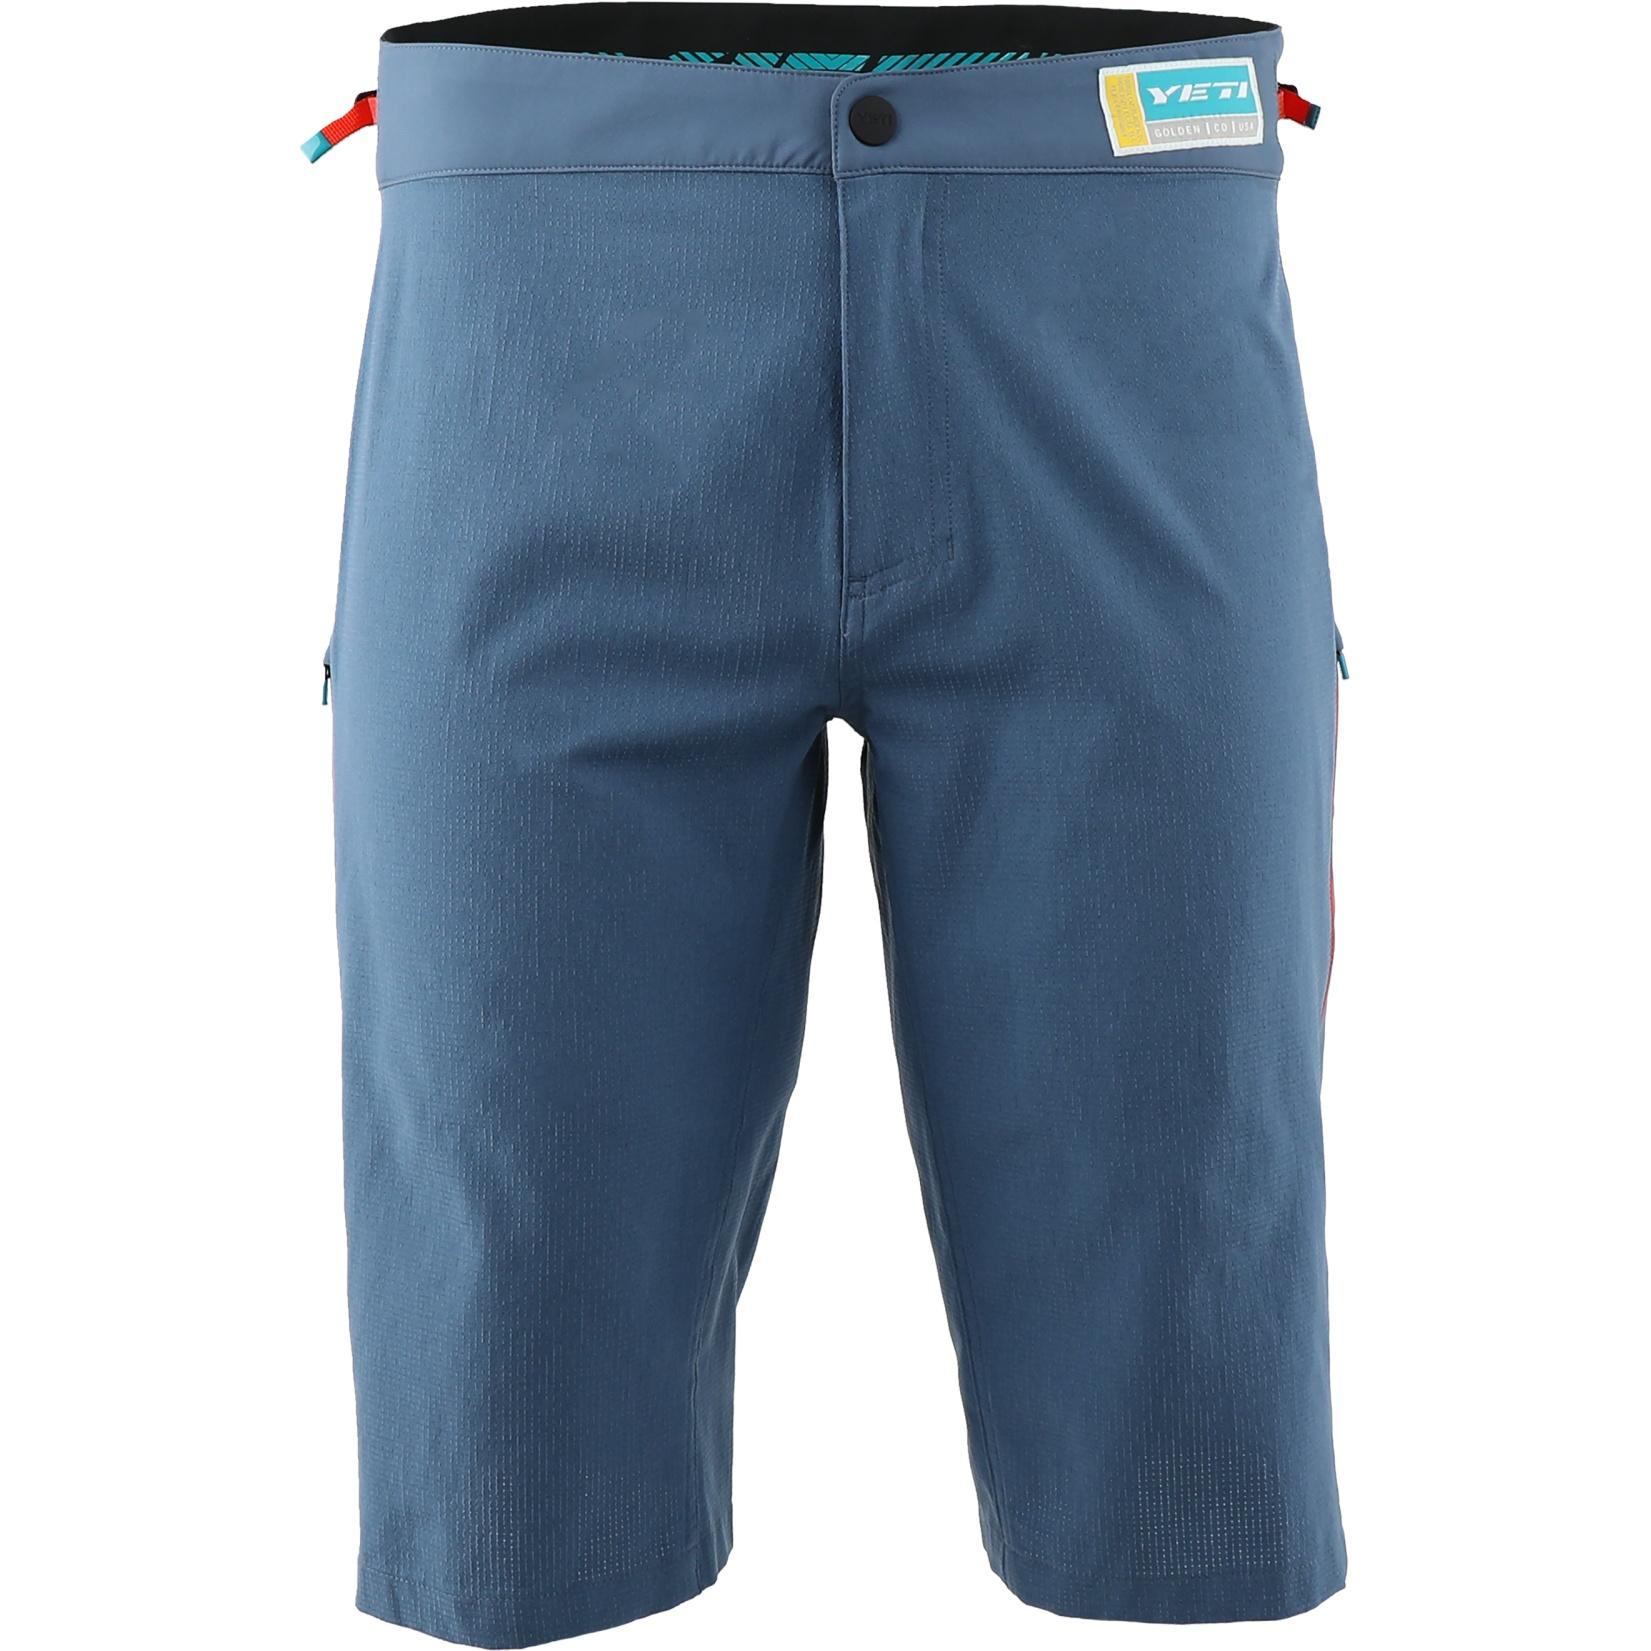 Yeti Cycles Enduro Shorts - Slate